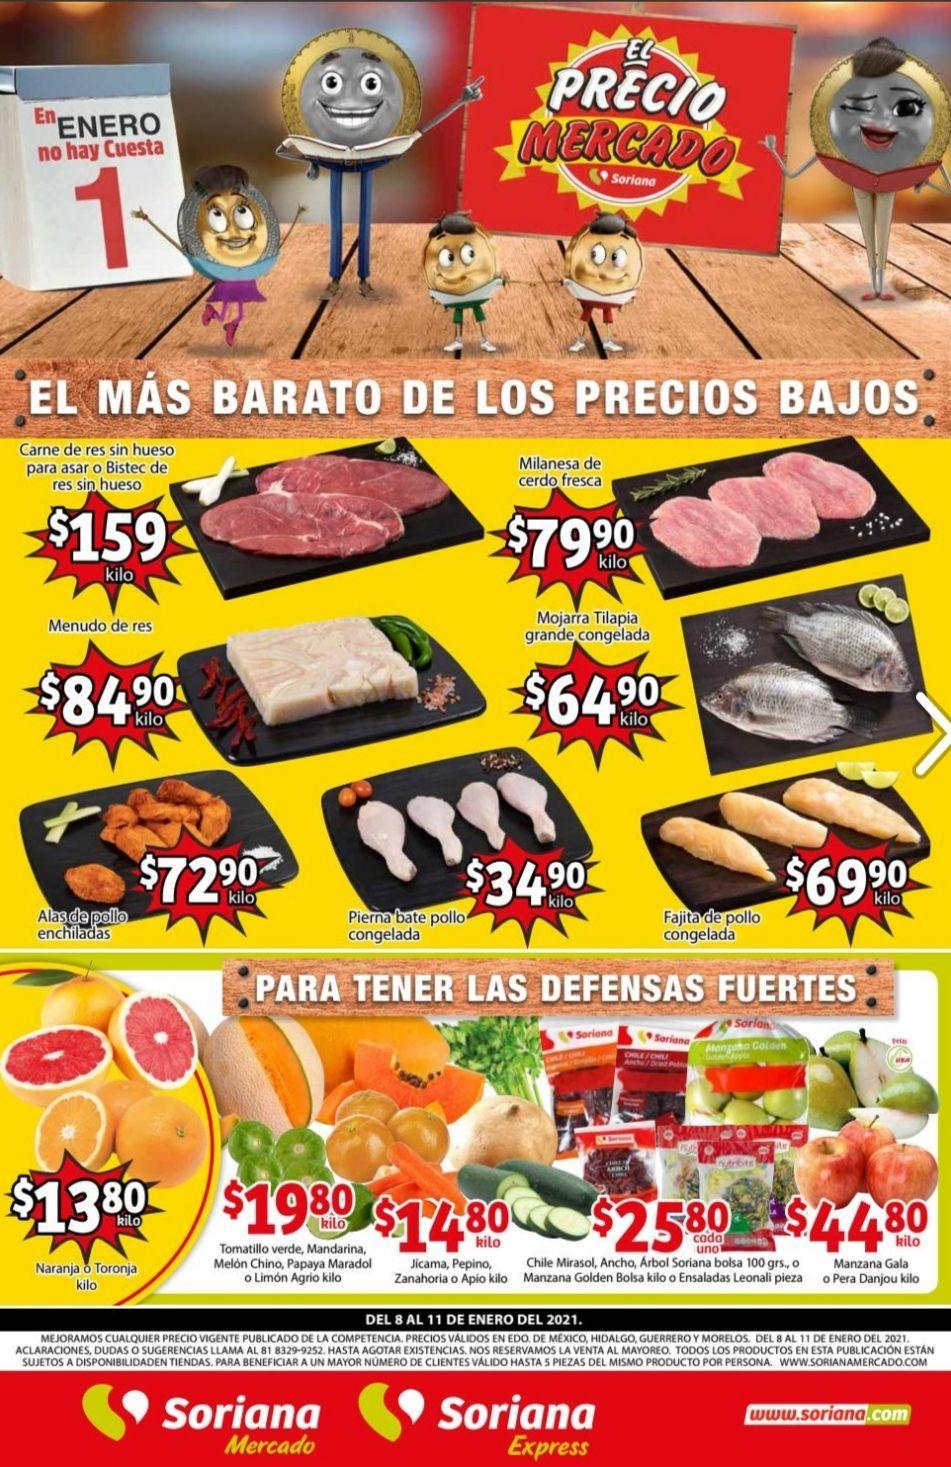 Soriana Mercado y Express: Volante de Ofertas Fin de Semana del Viernes 8 al Lunes 11 de Enero